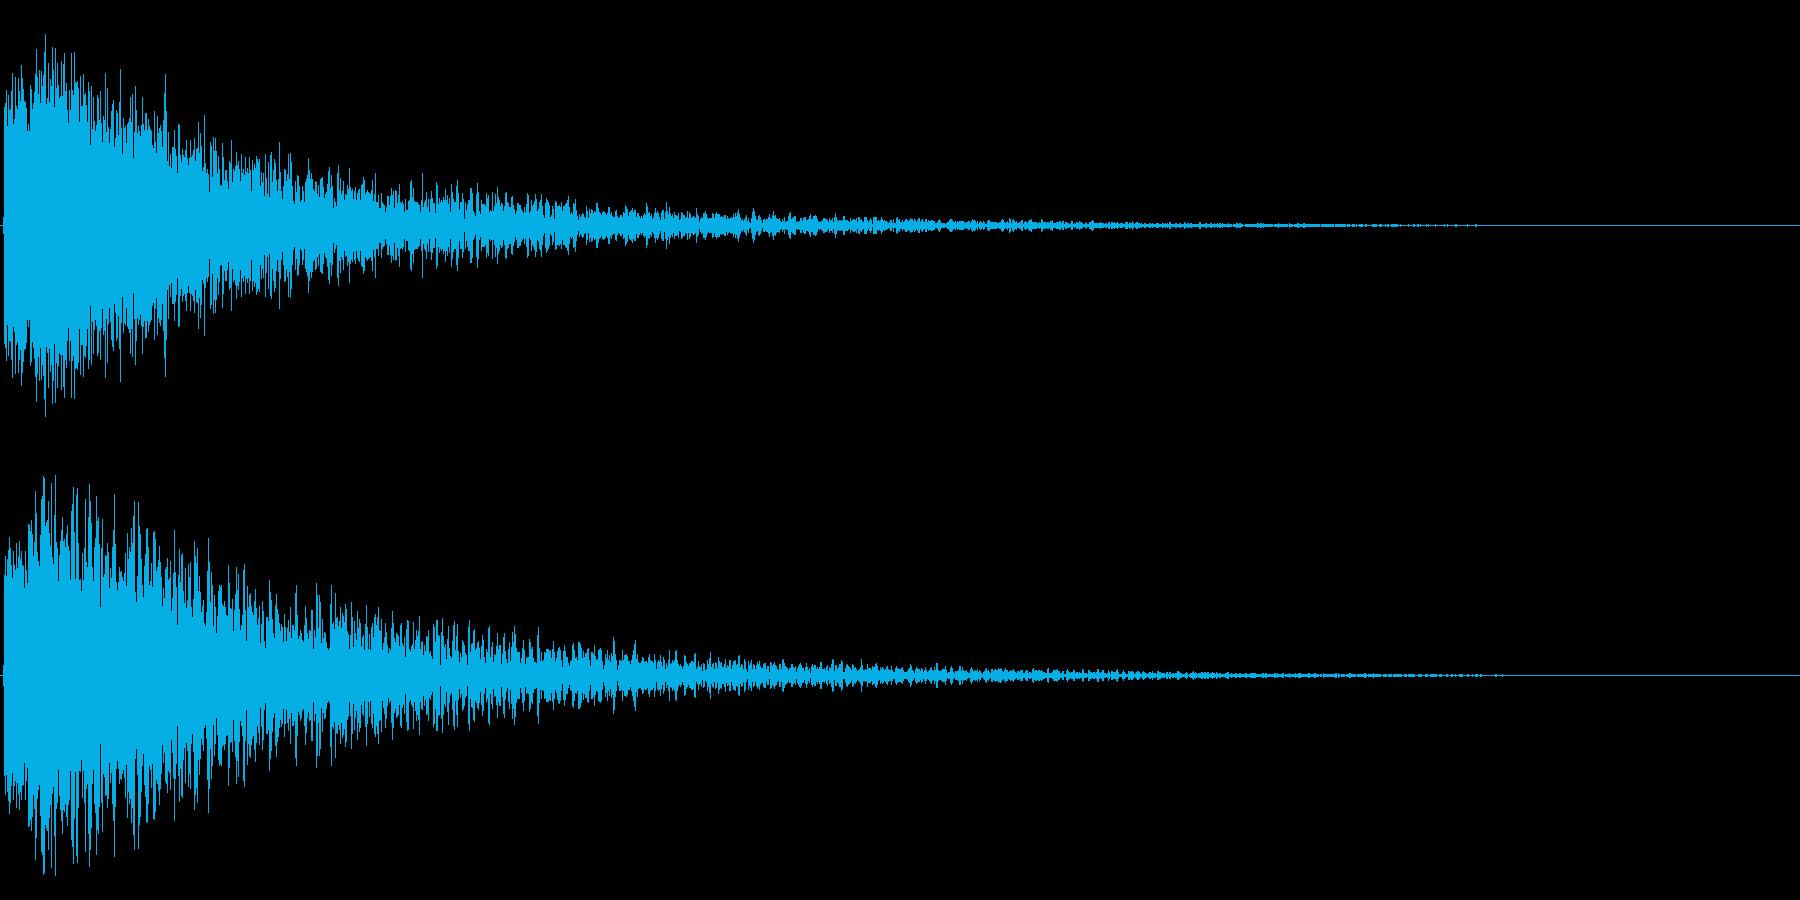 シャキーン打撃 必殺技や最後の一撃1DVの再生済みの波形